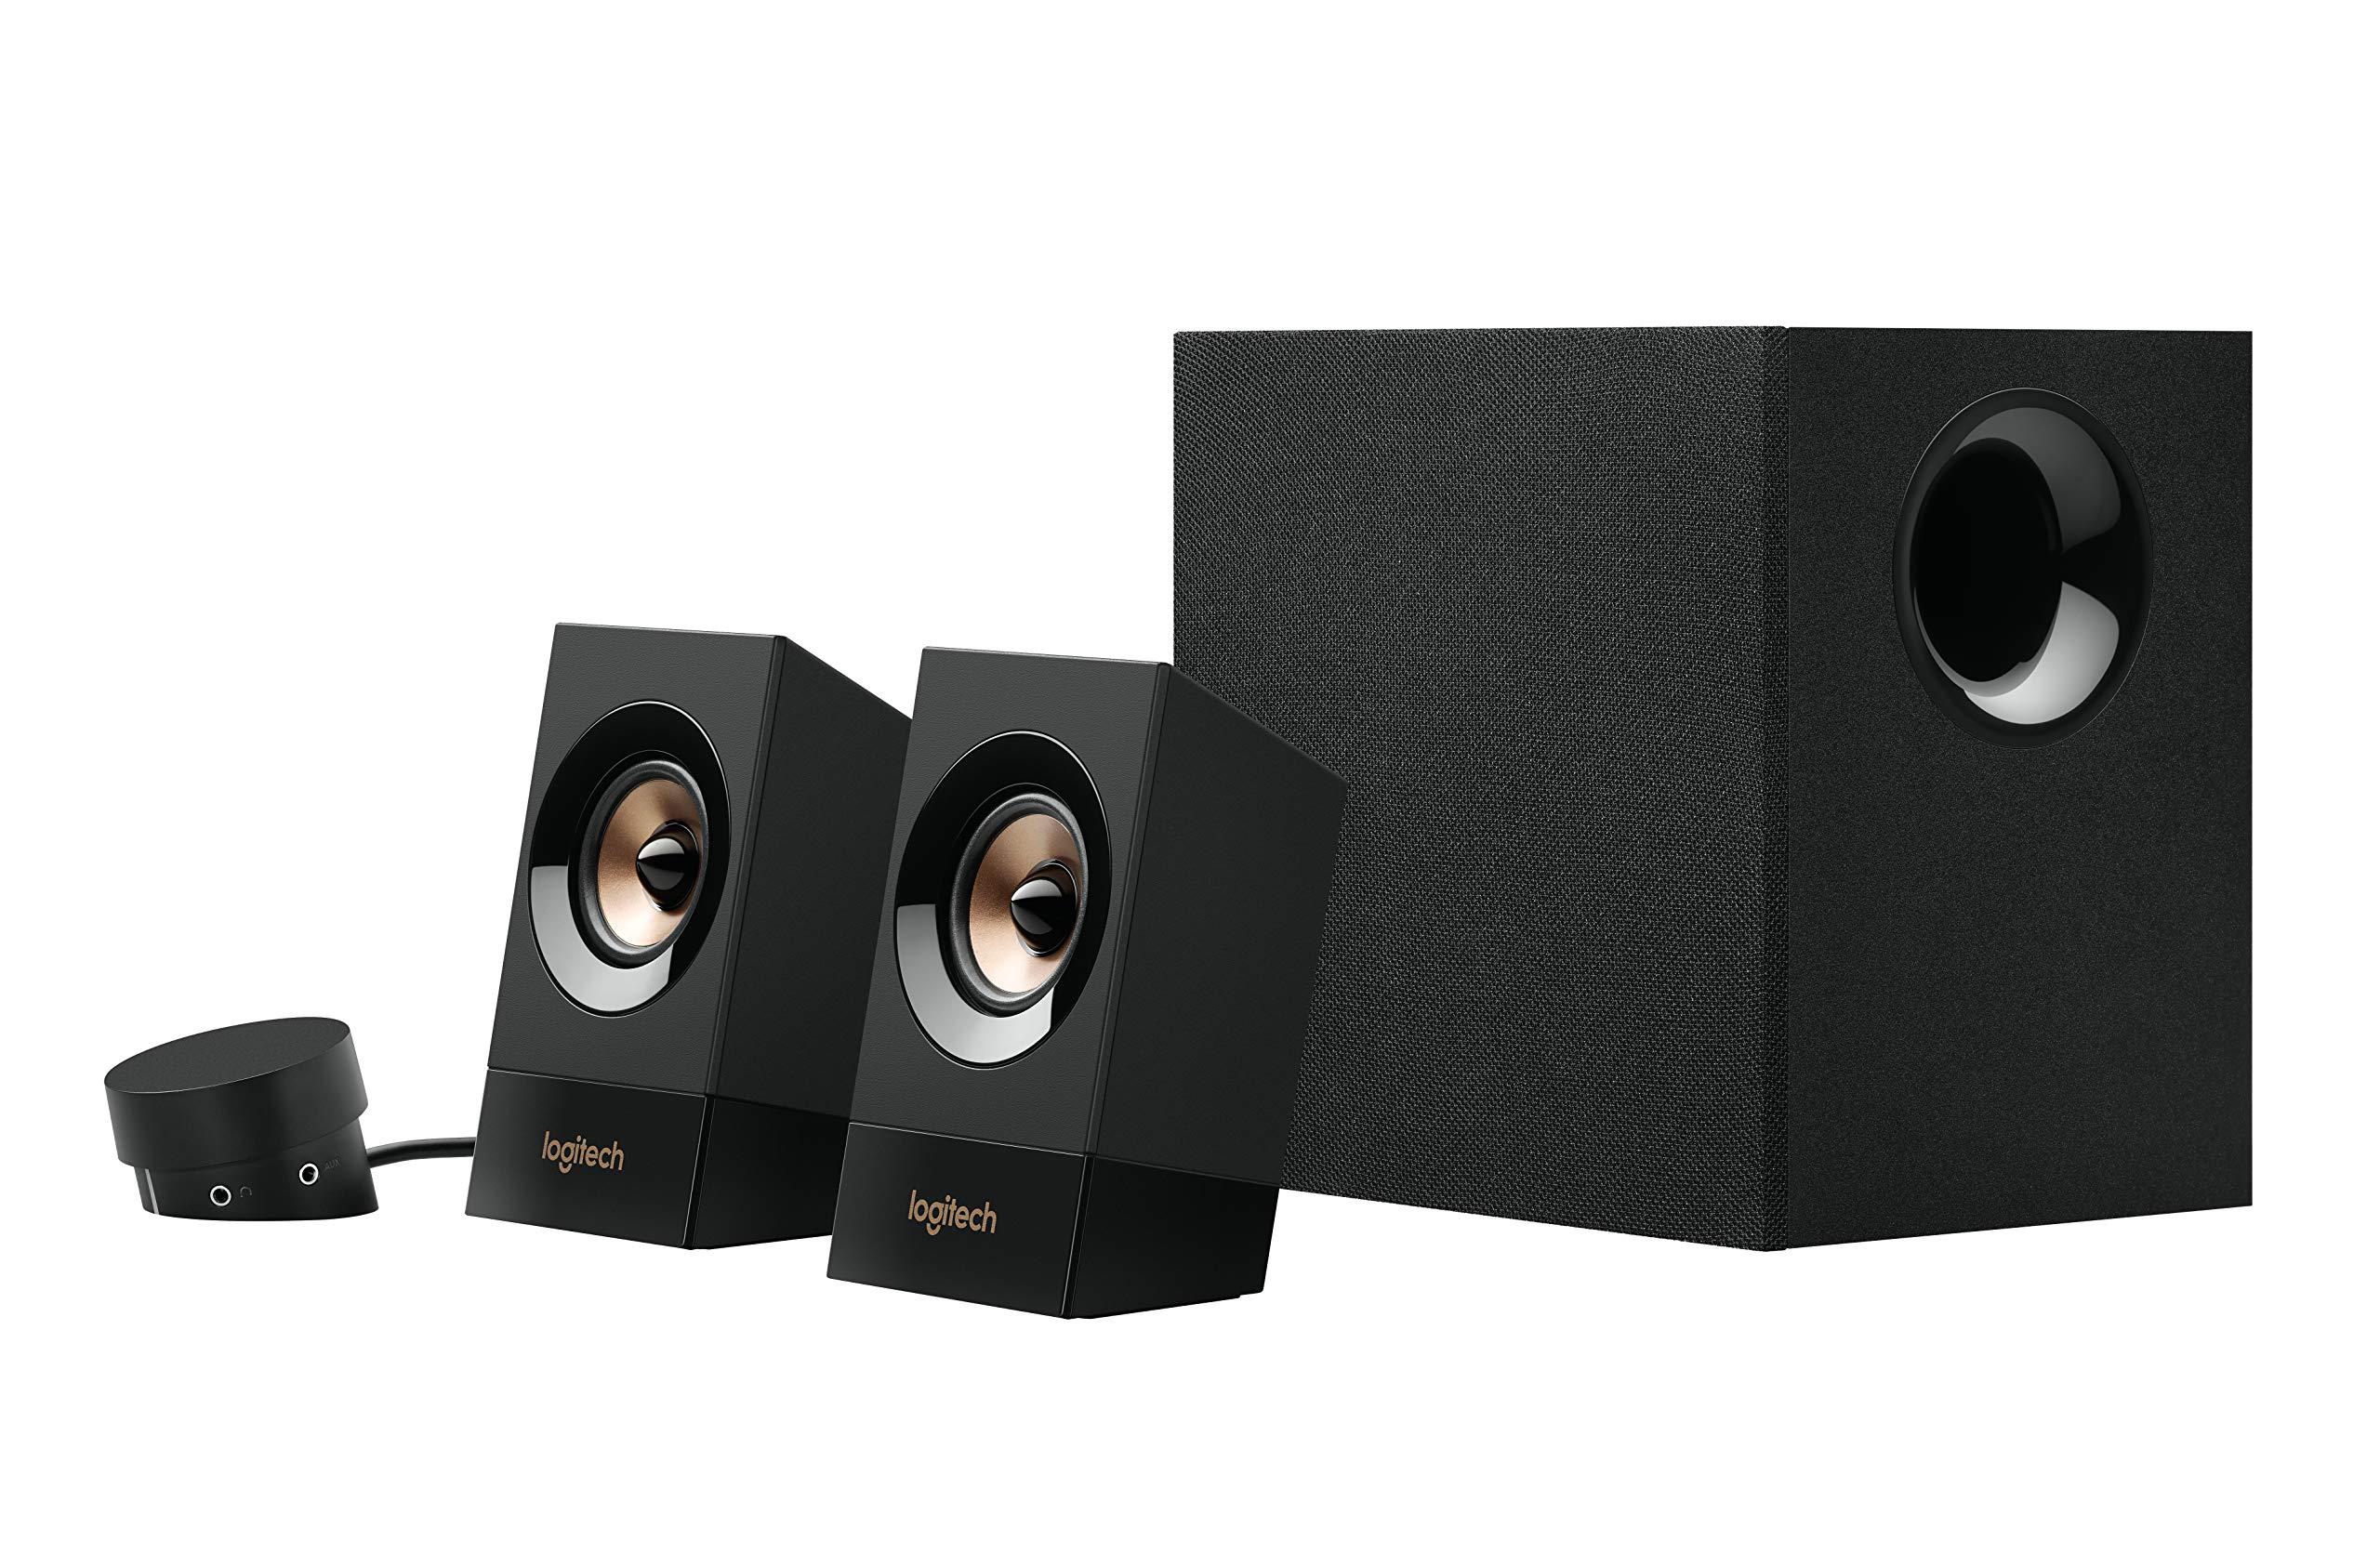 로지텍 멀티미디어 스피커 시스템 Z533 Logitech Multimedia Speaker System Z533